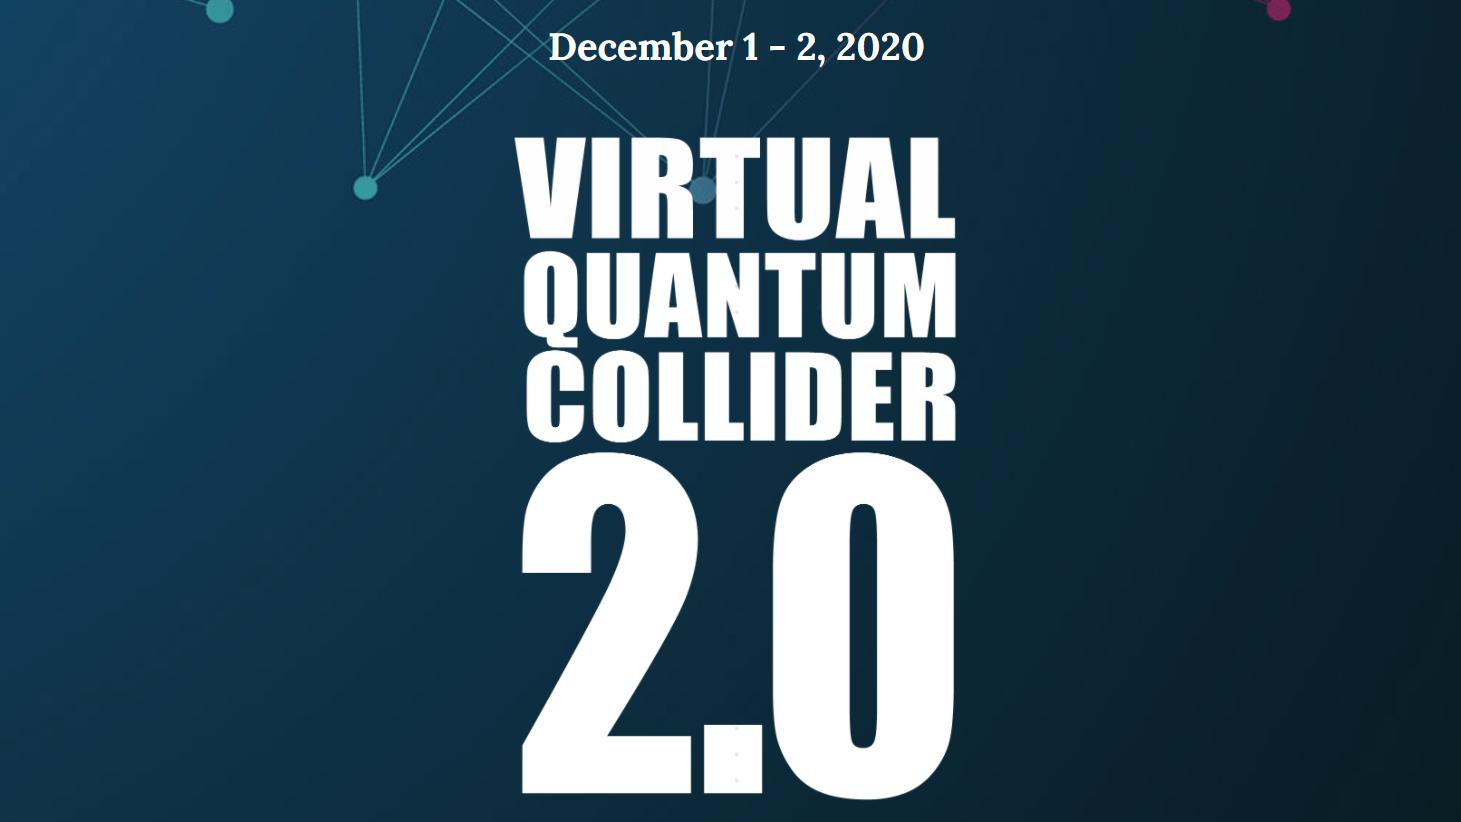 AFRL Virtual Quantum Collider